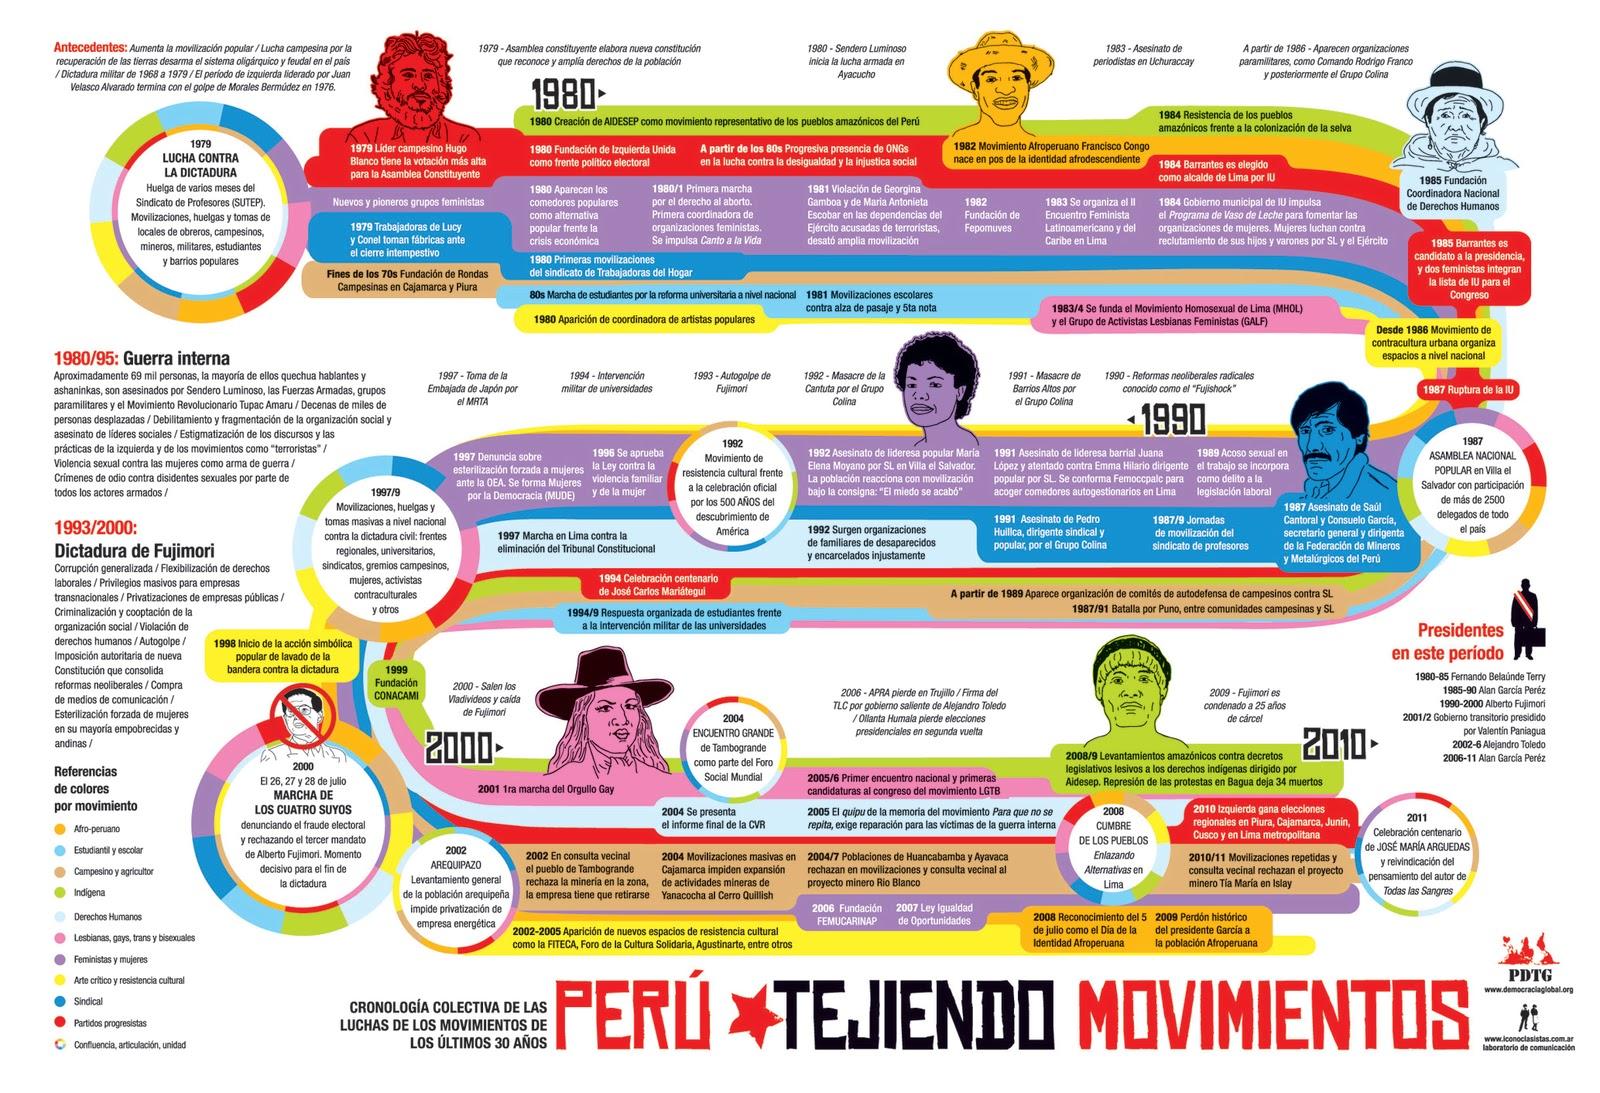 violencia social en el peru: